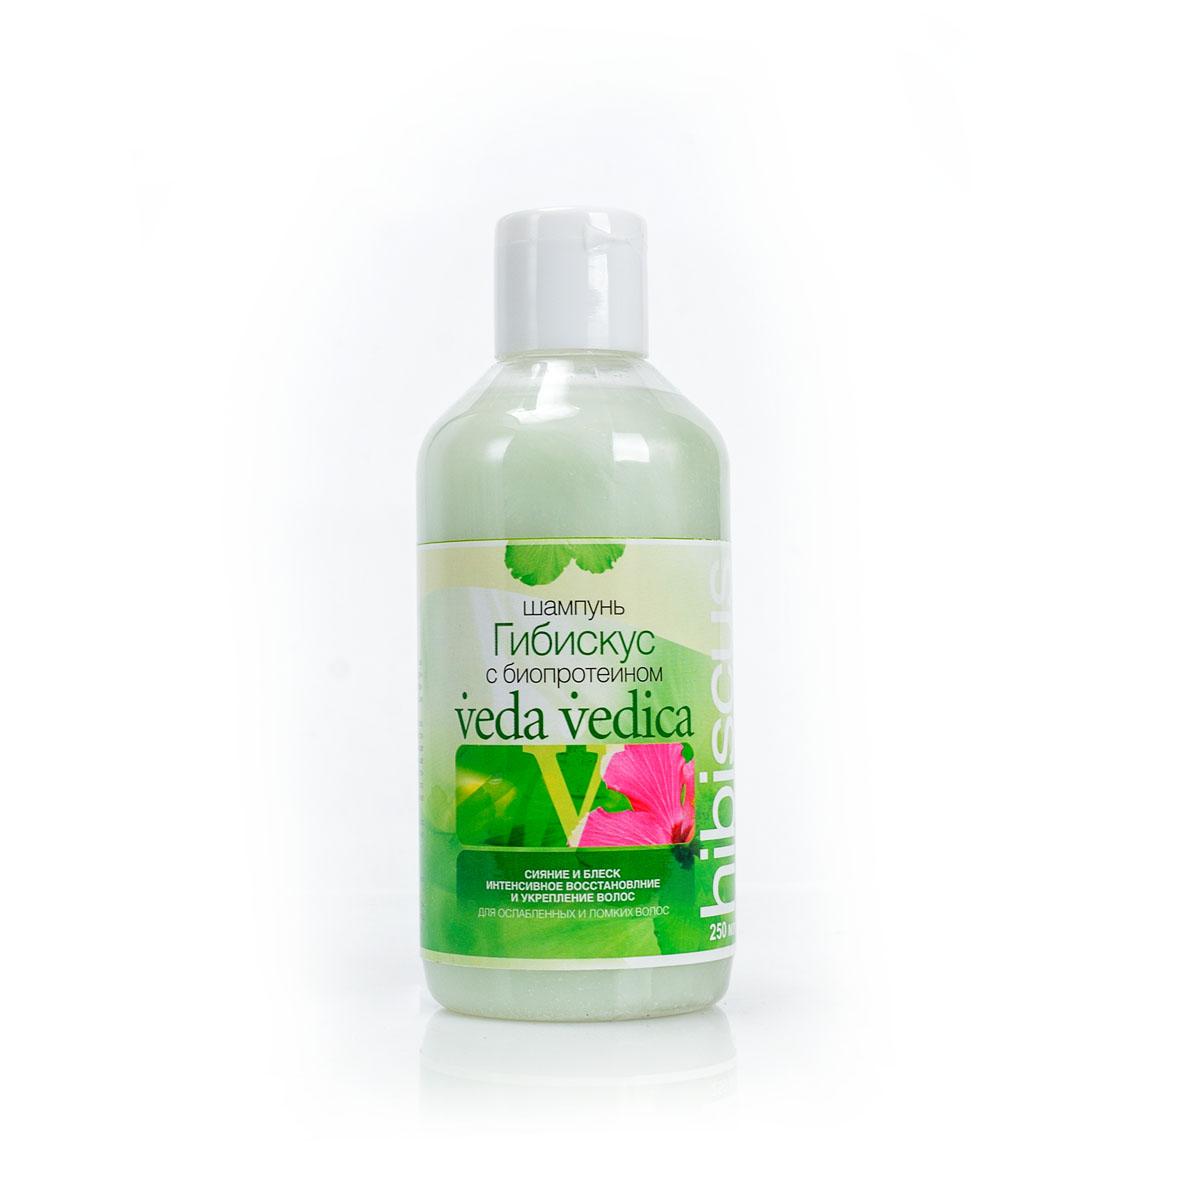 Veda Vedica Шампунь для волос Гибискус с биопротеином, 250 мл8906015080780Очищает и охлаждает волосы и кожу головы, увлажняет, питает витаминами по всей длине. Содействует укреплению тонких и ломких волос, создает гидролипидную пленку, которая делает волосы блестящими и шелковистыми. Рекомендуется для сухих, ломких и секущихся волос.